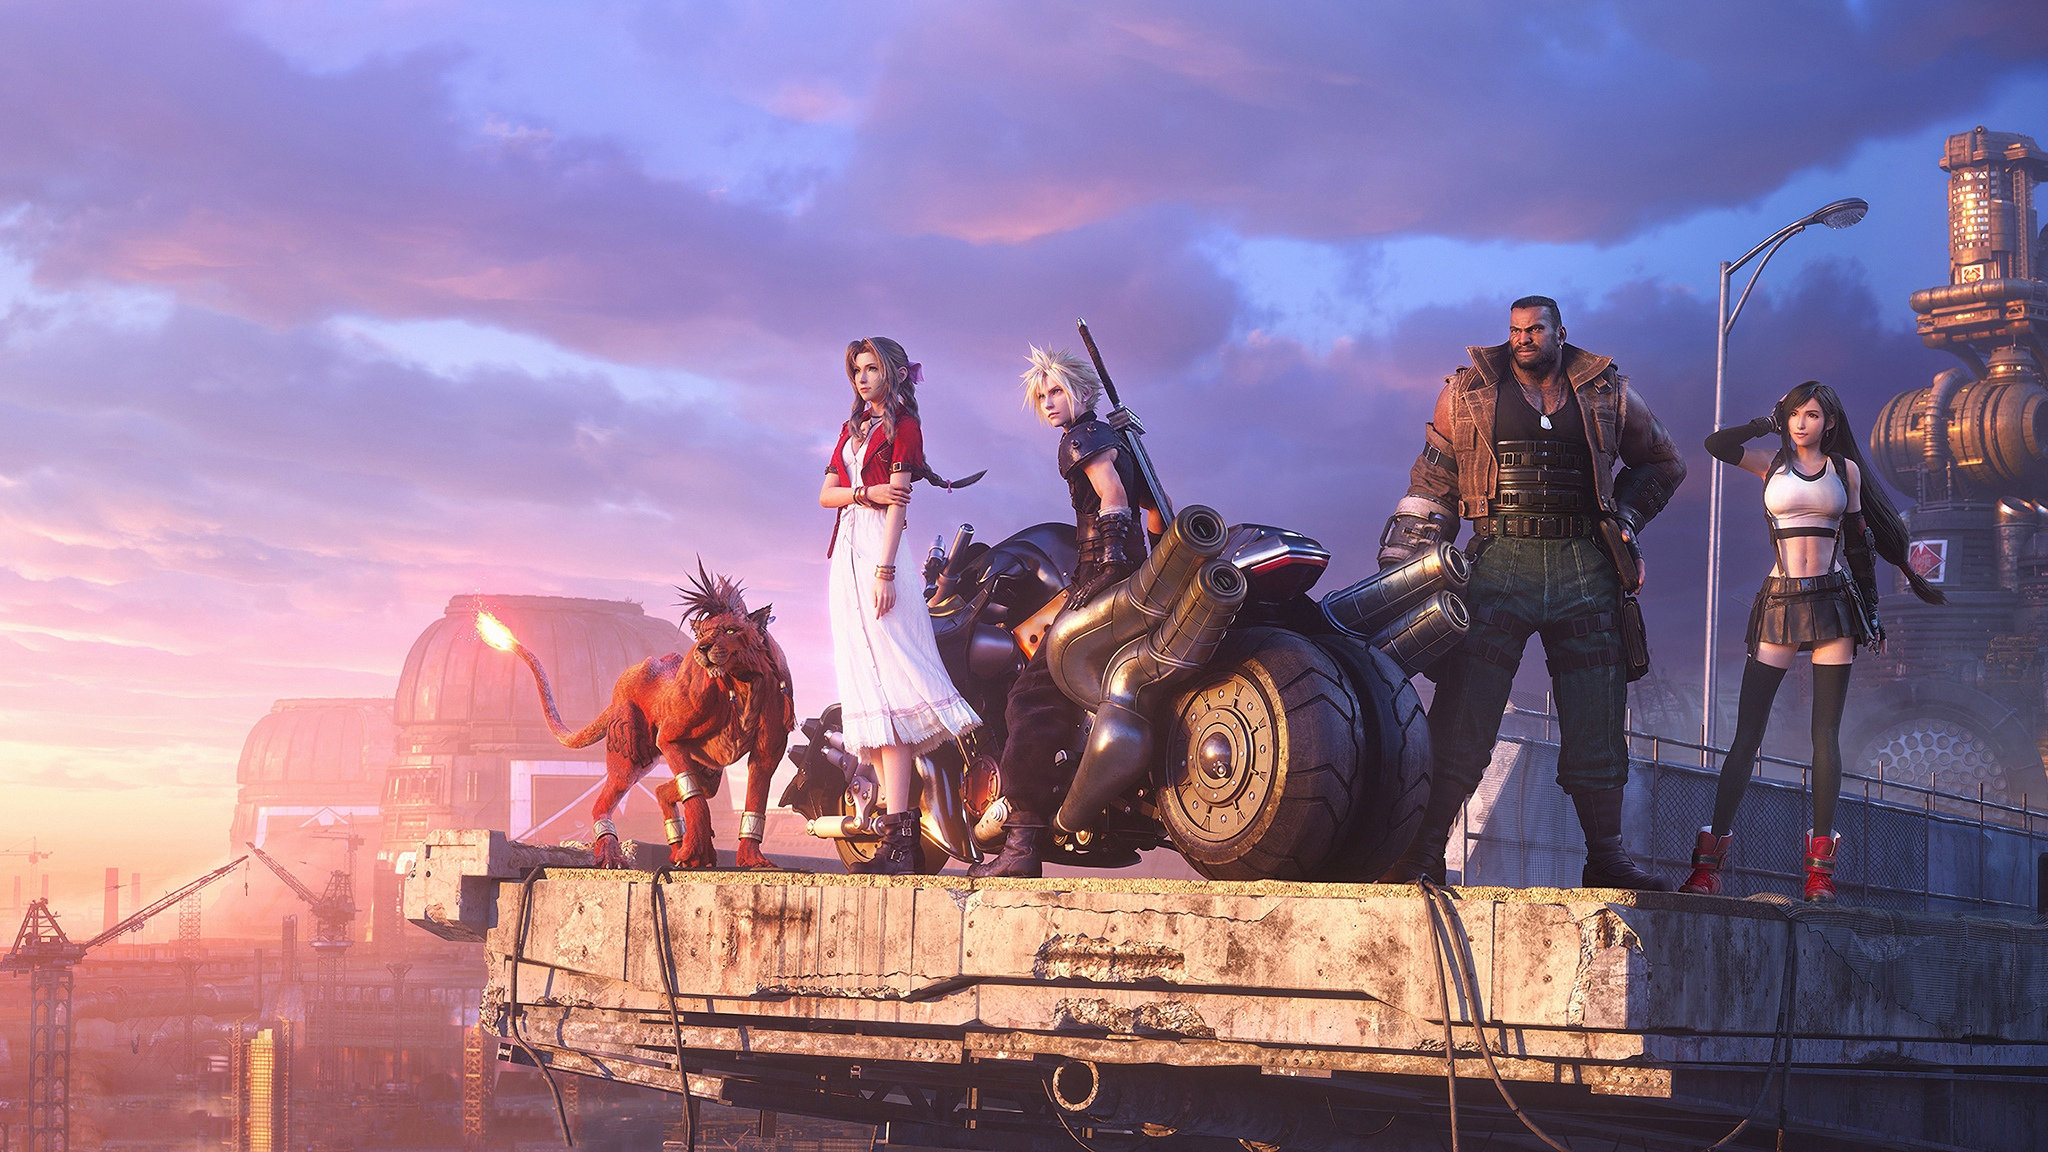 Первые оценки Final Fantasy 7 Remake - очень хорошо